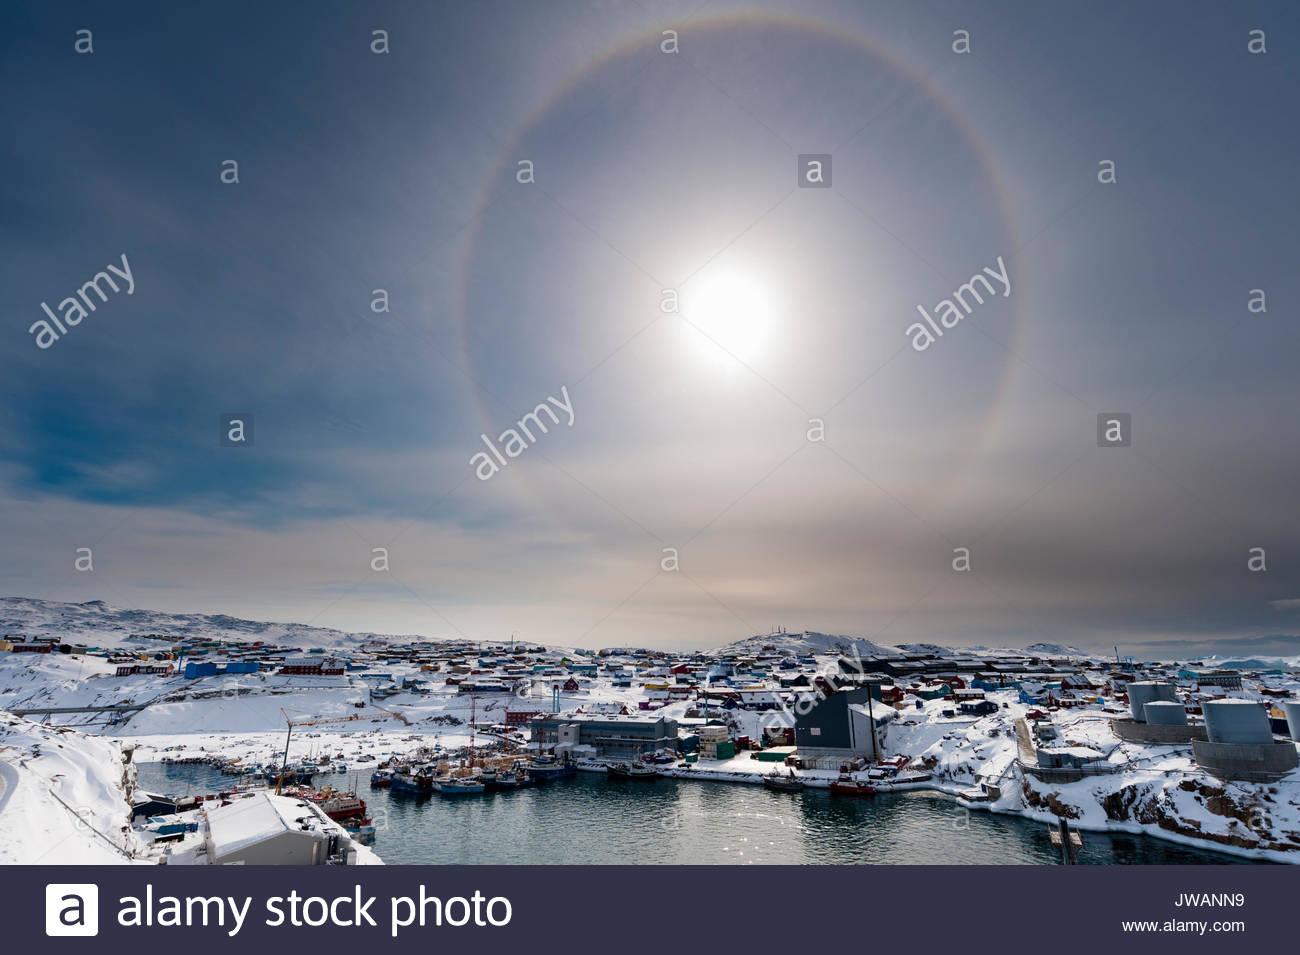 Eine solare halo, ein Phänomen, das durch Licht Interaktion mit Eiskristallen in der Atmosphäre verursacht. Stockbild